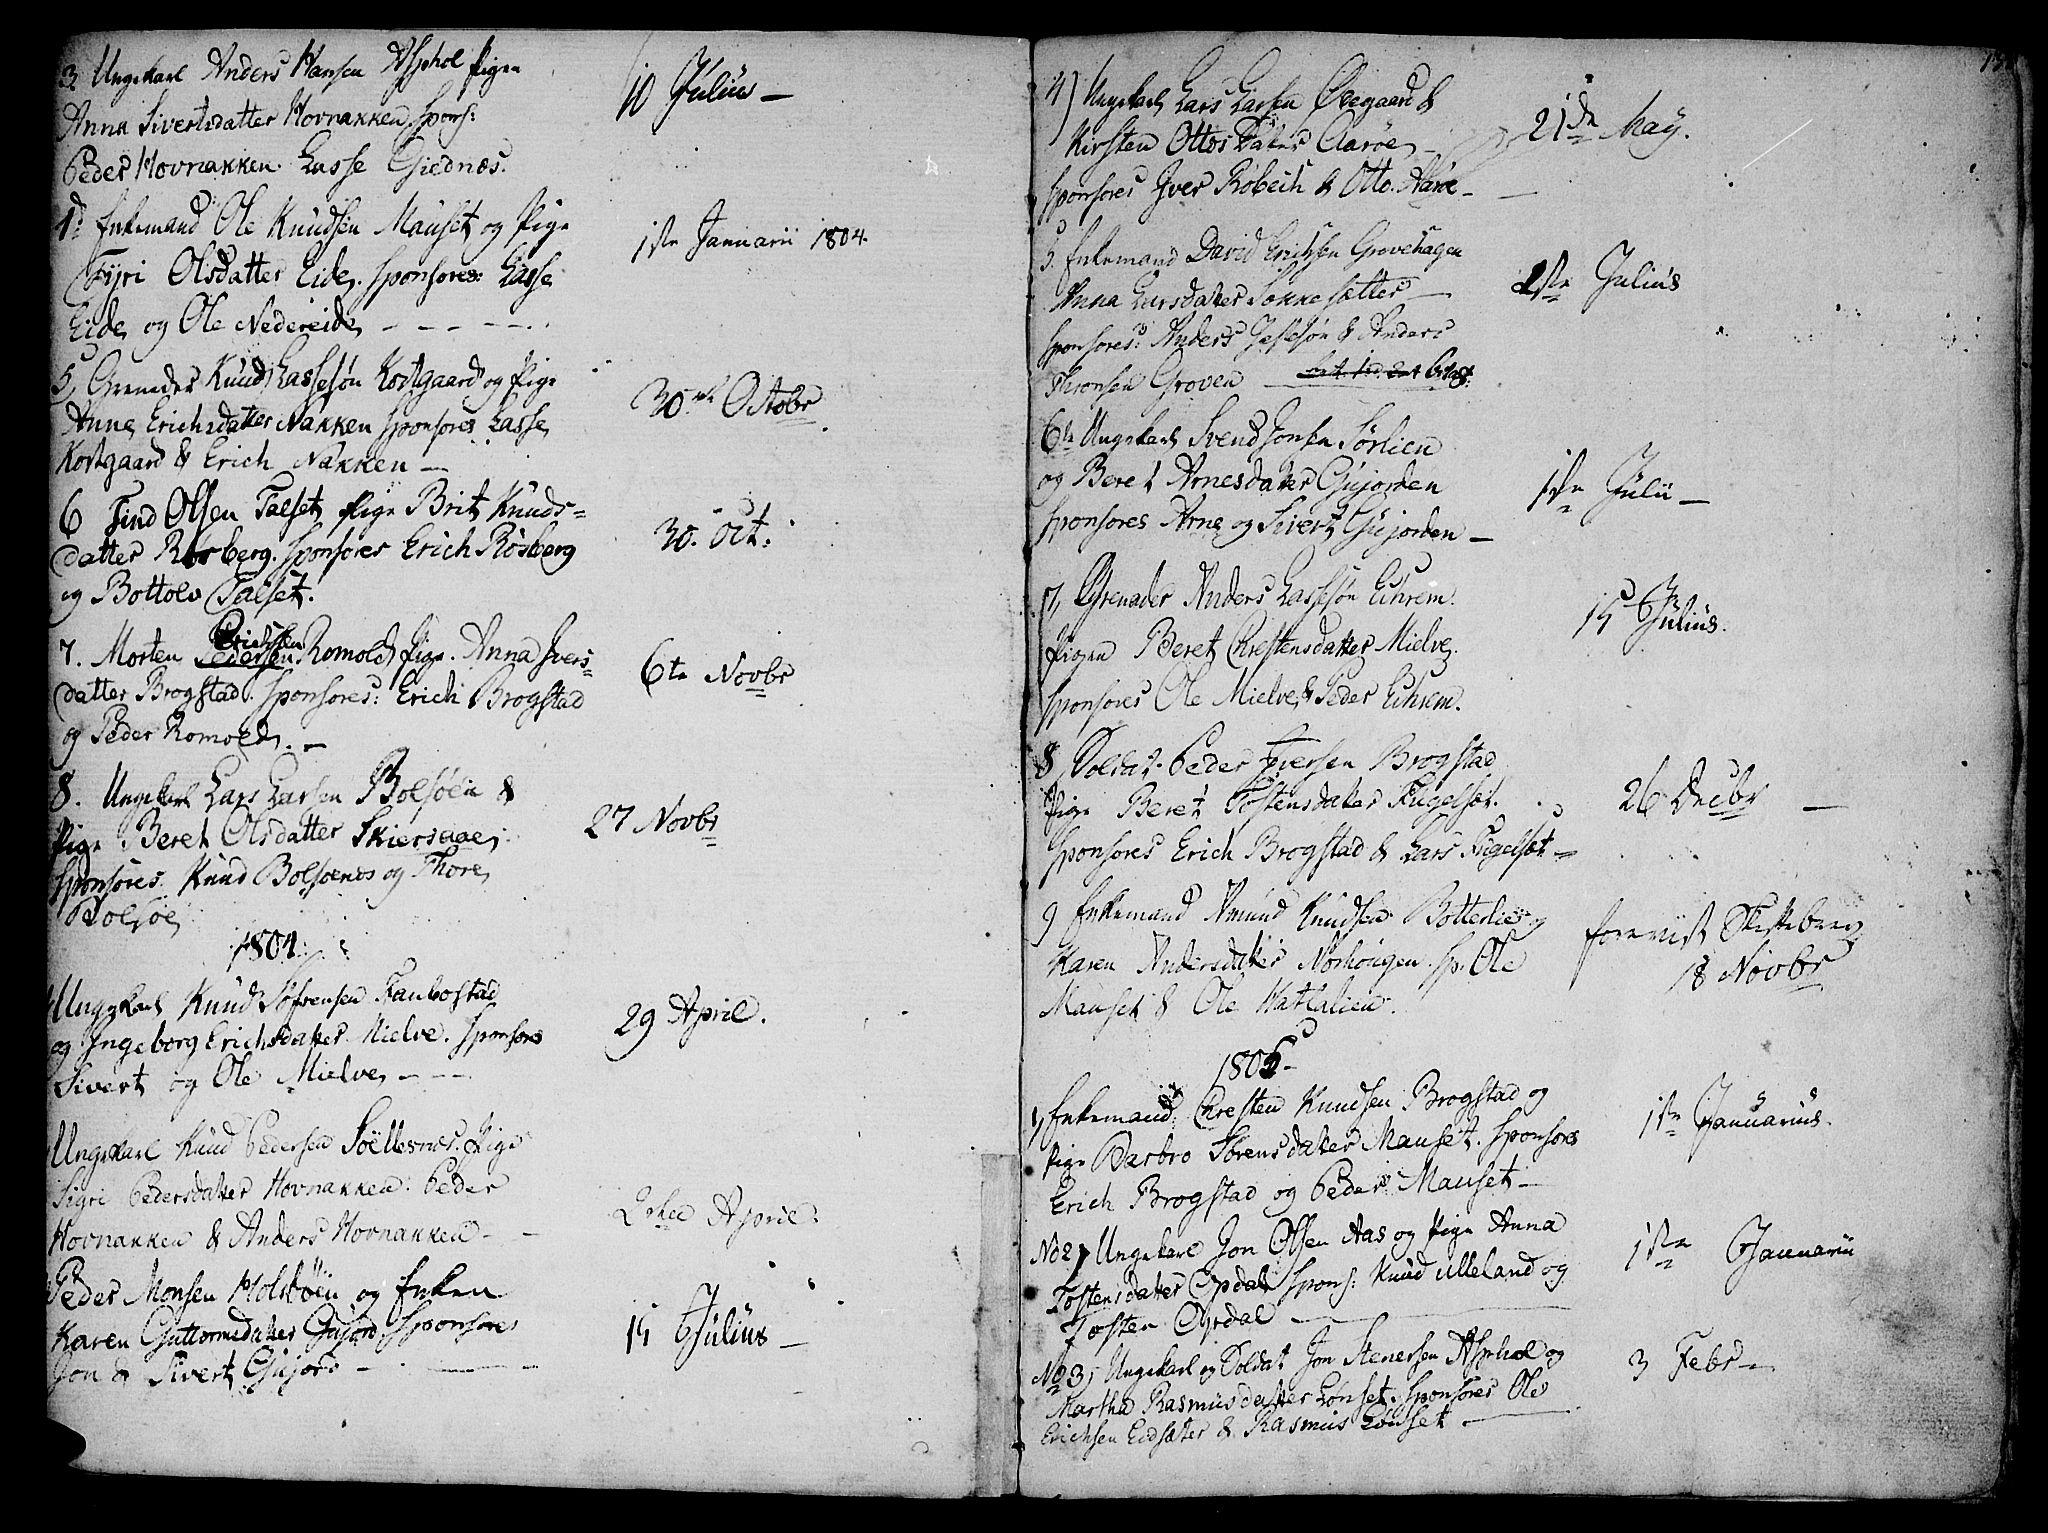 SAT, Ministerialprotokoller, klokkerbøker og fødselsregistre - Møre og Romsdal, 555/L0650: Ministerialbok nr. 555A02 /2, 1798-1821, s. 137